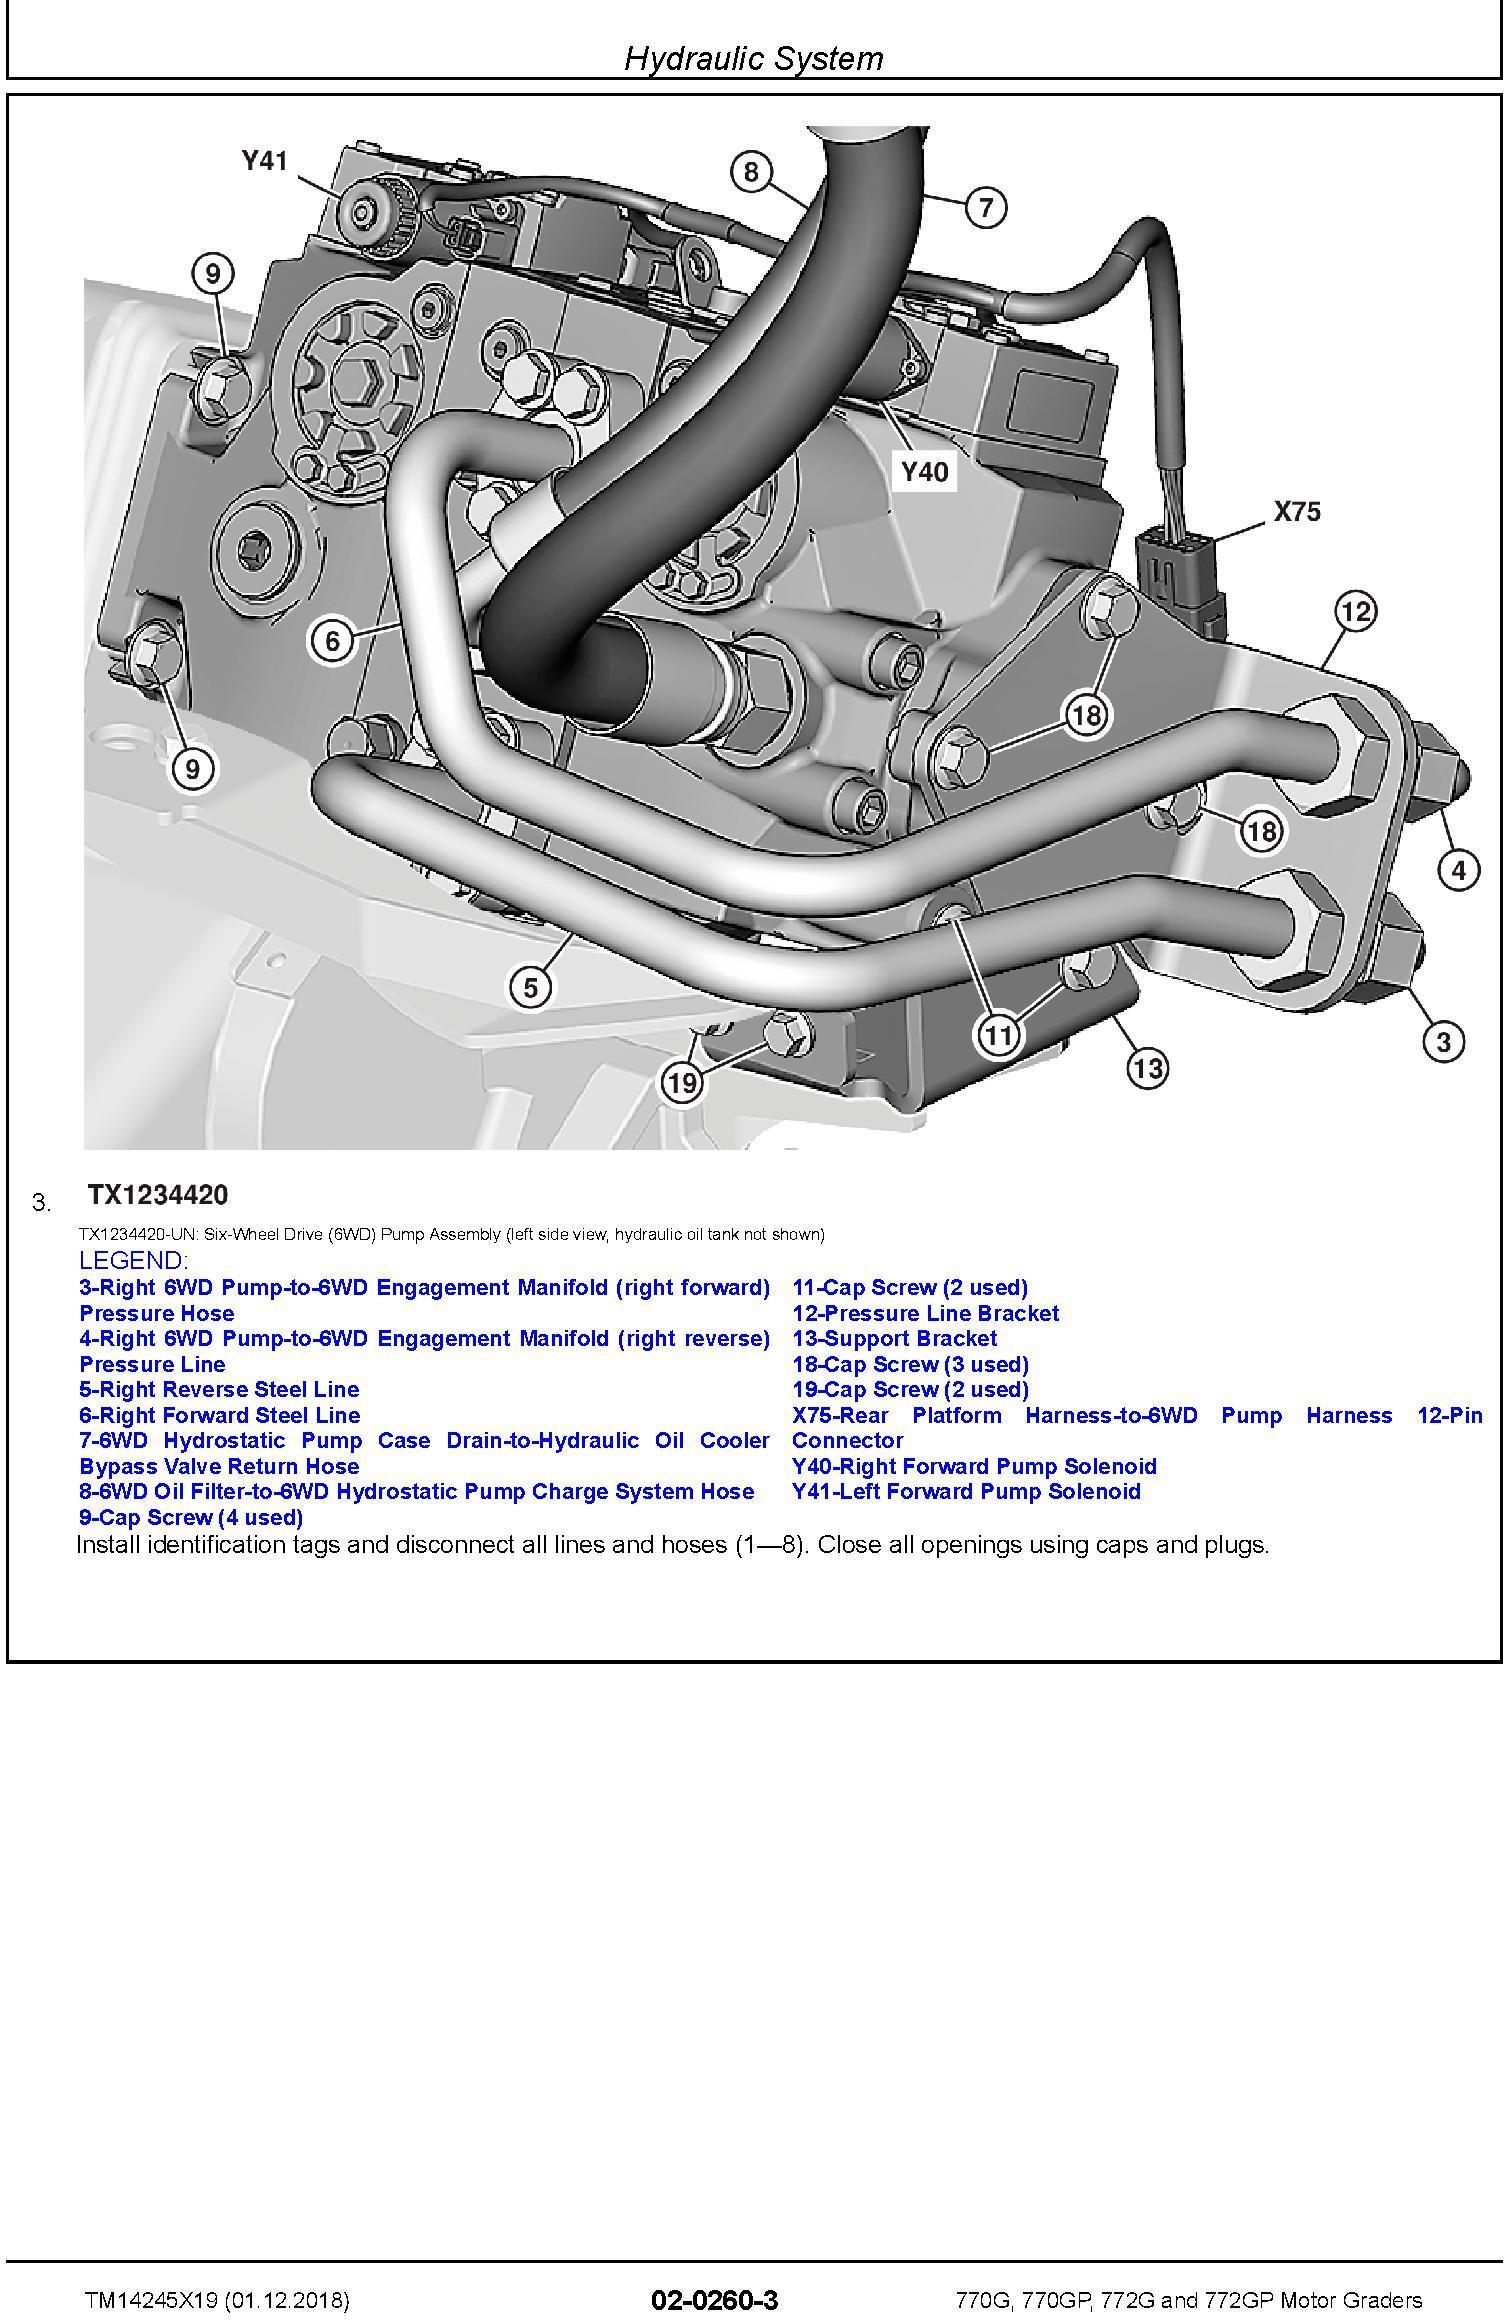 John Deere 770G, 770GP, 772G, 772GP (SN. F680878-,L700954-) Motor Graders Repair Manual (TM14245X19) - 3